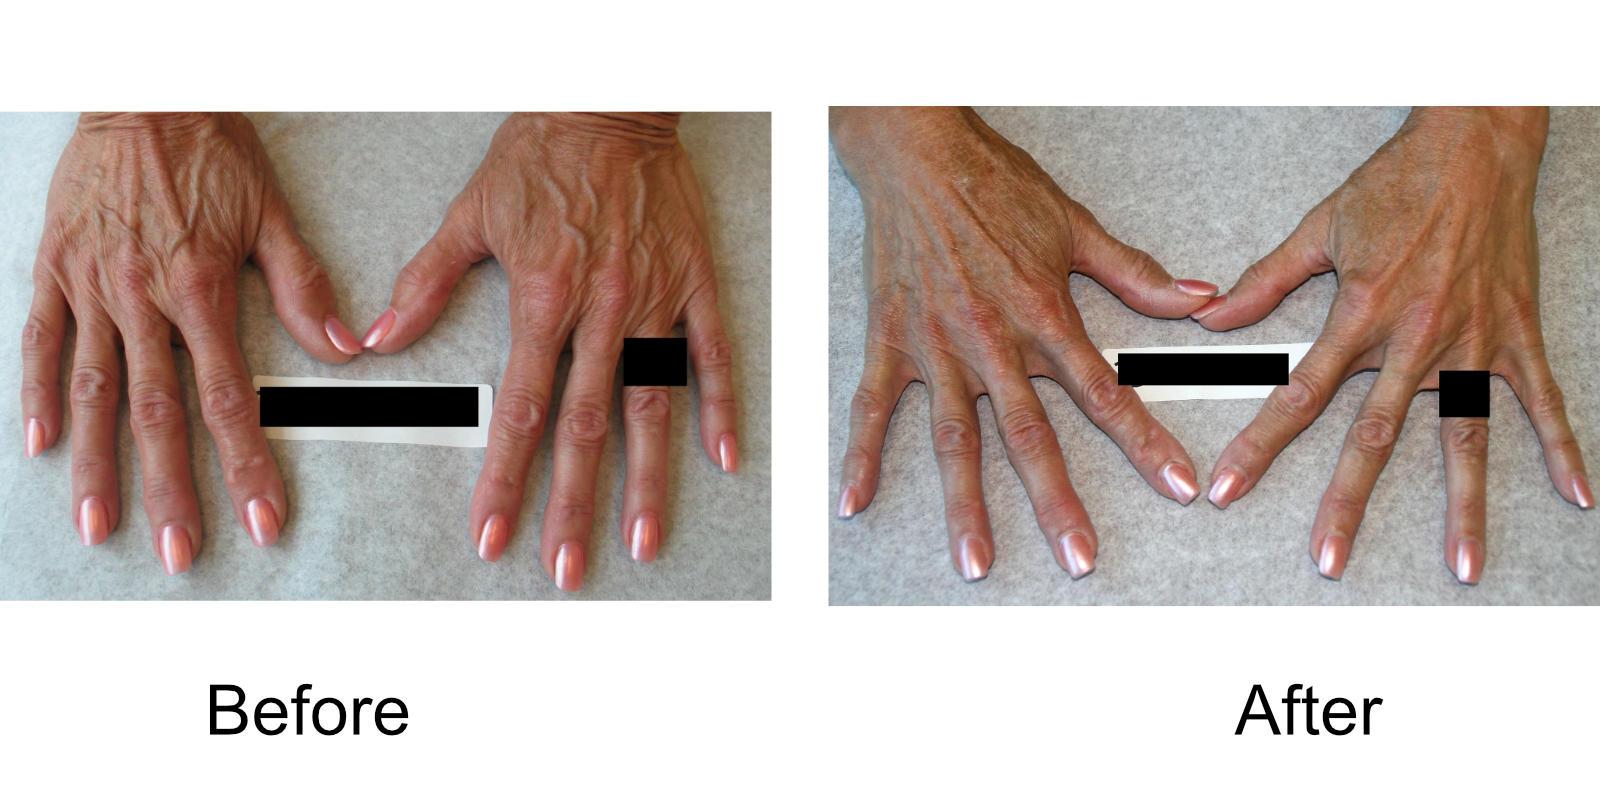 hand-veins-comparison-04